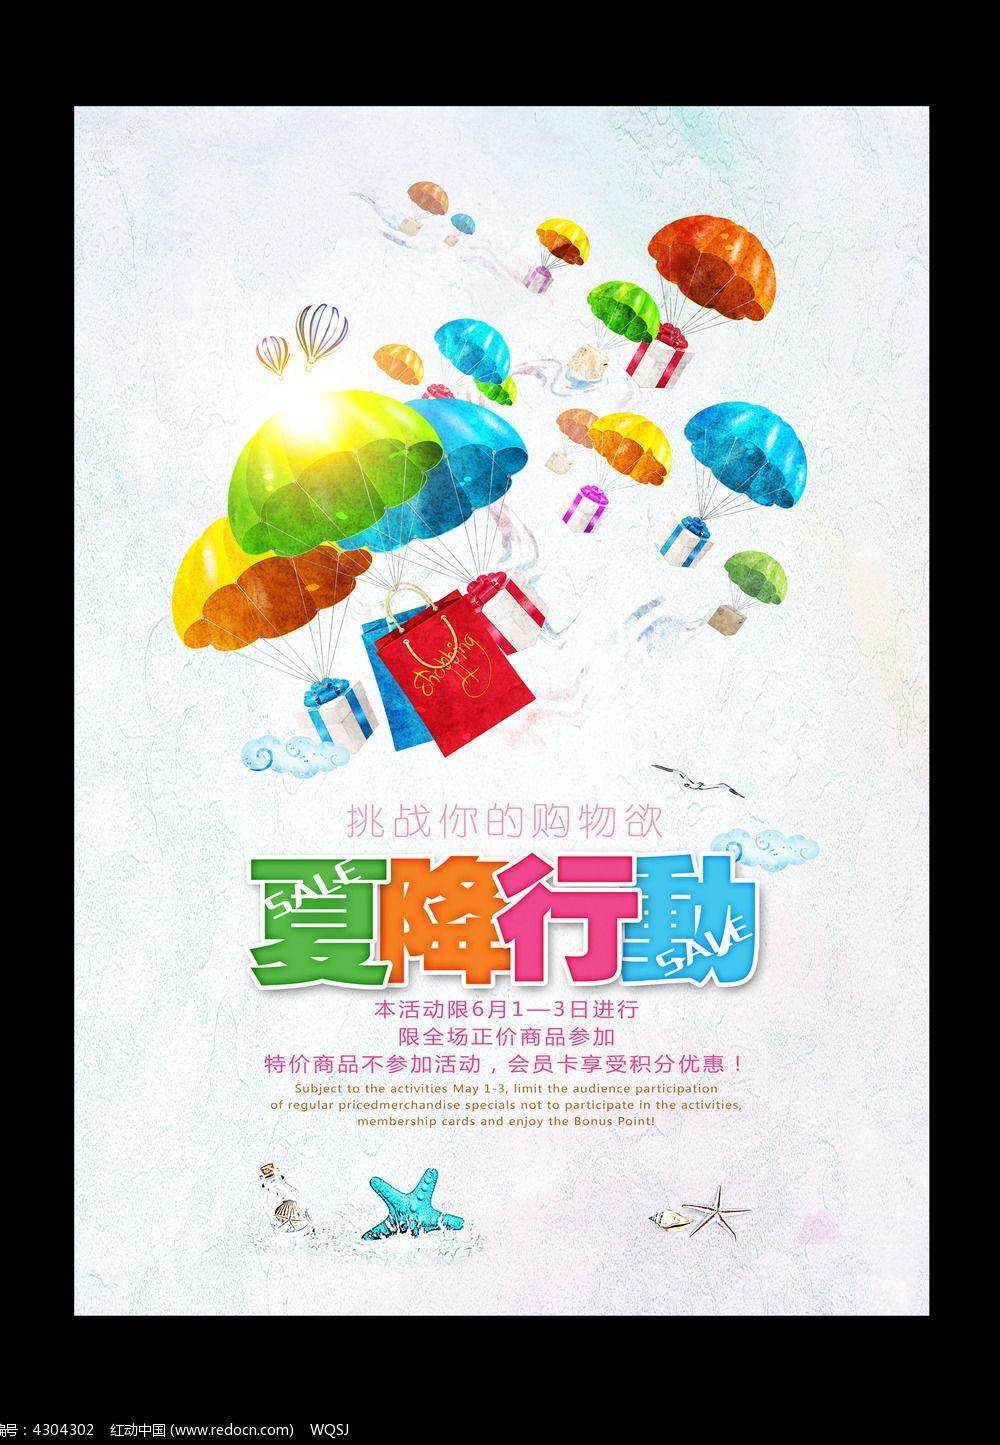 海报设计 夏日活动海报 清新 商场促销海报 商业海报 手绘风格 海边